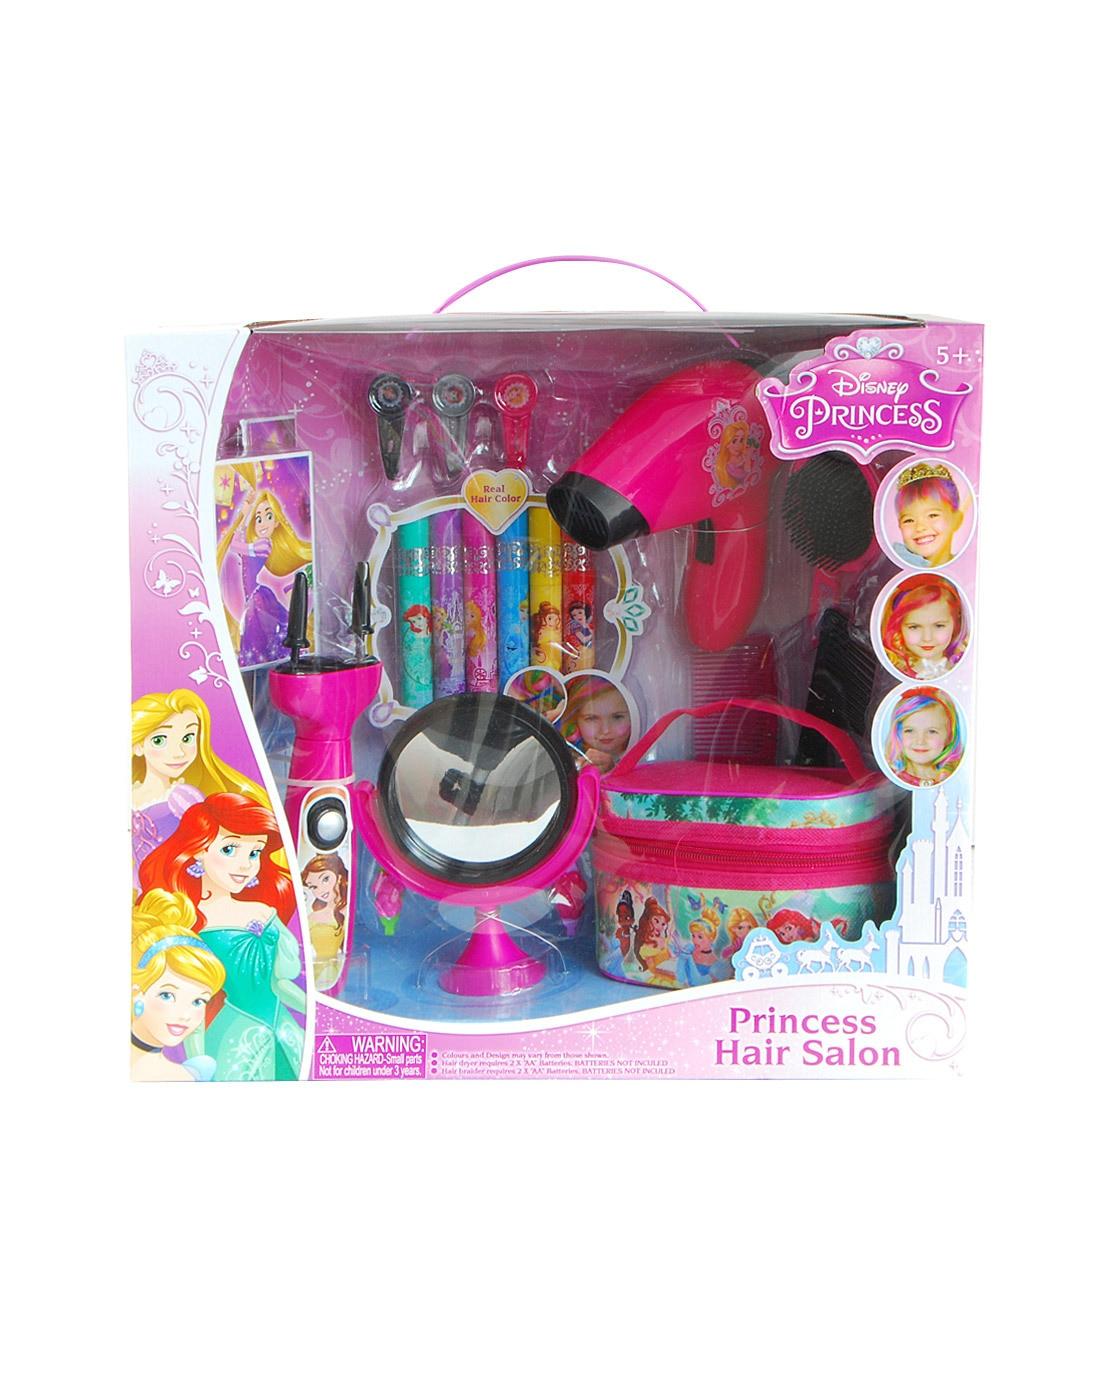 Disney semblant jouer beauté jouets de mode coiffure combinaison boîte de maquillage enfants jouer maison jouet cadeau cosmétiques pour enfants